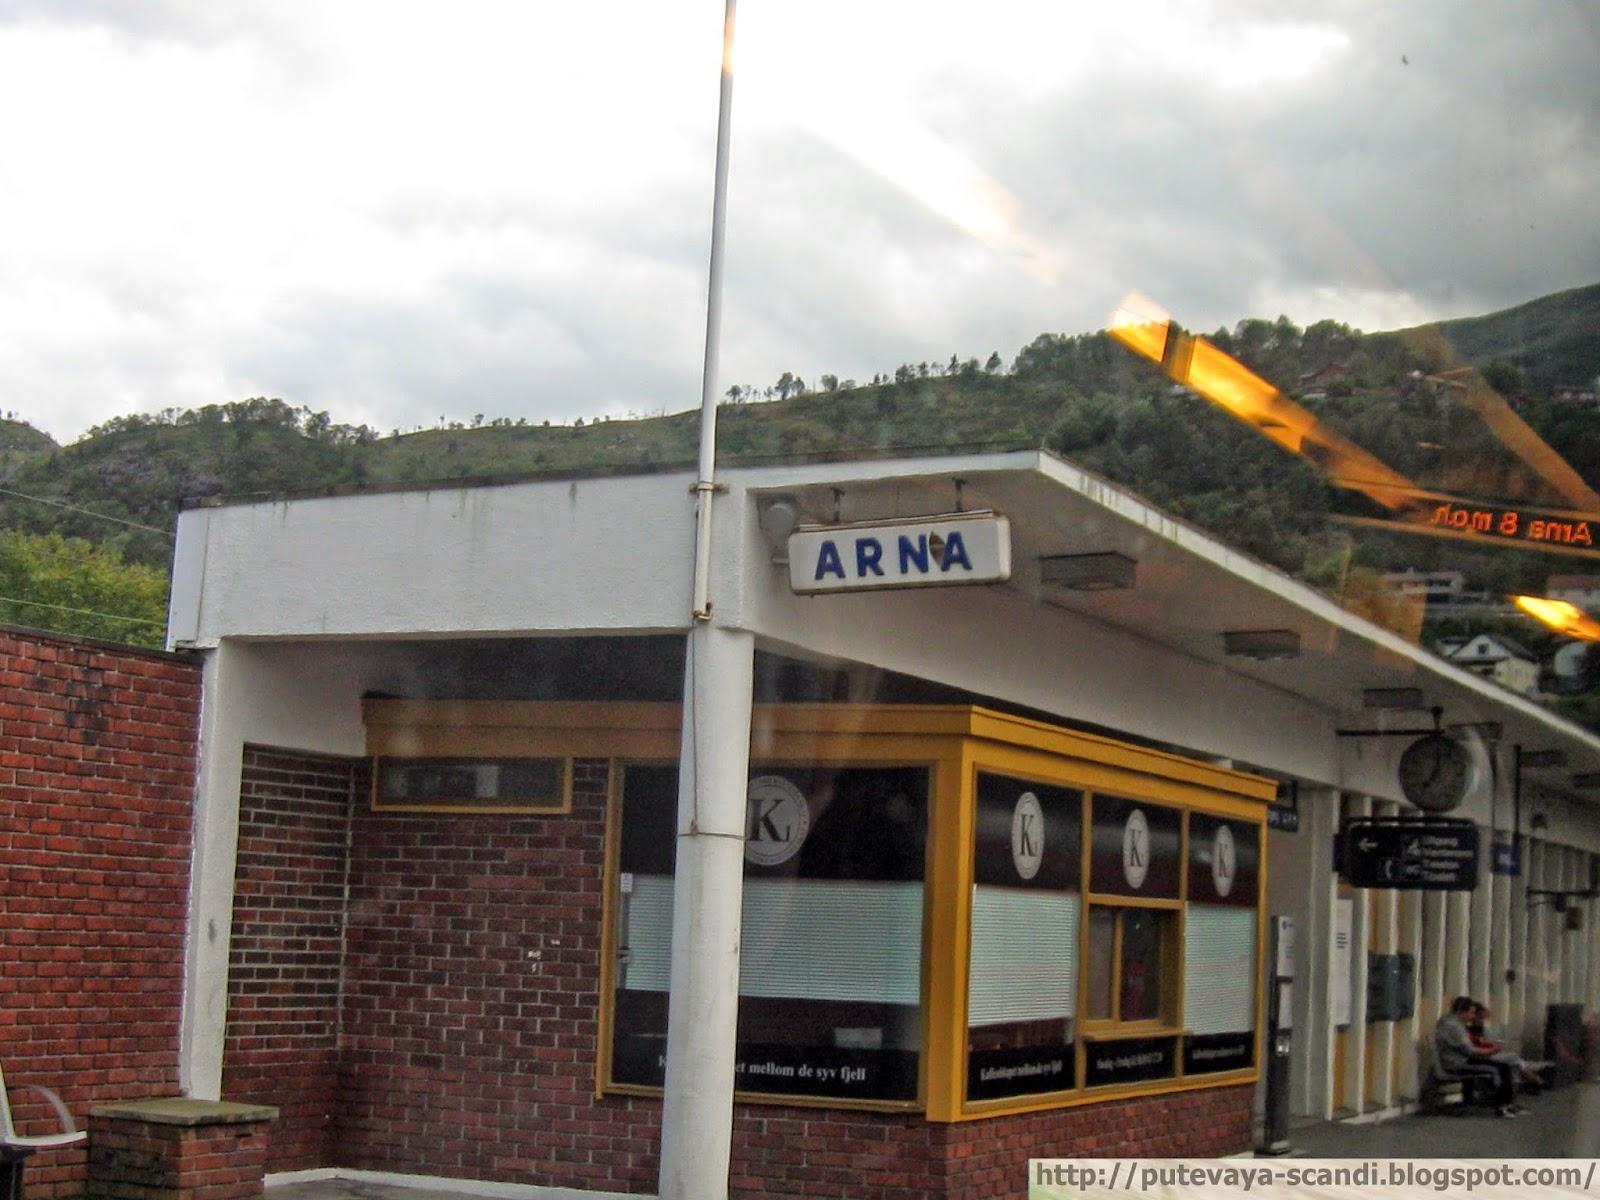 Arna station